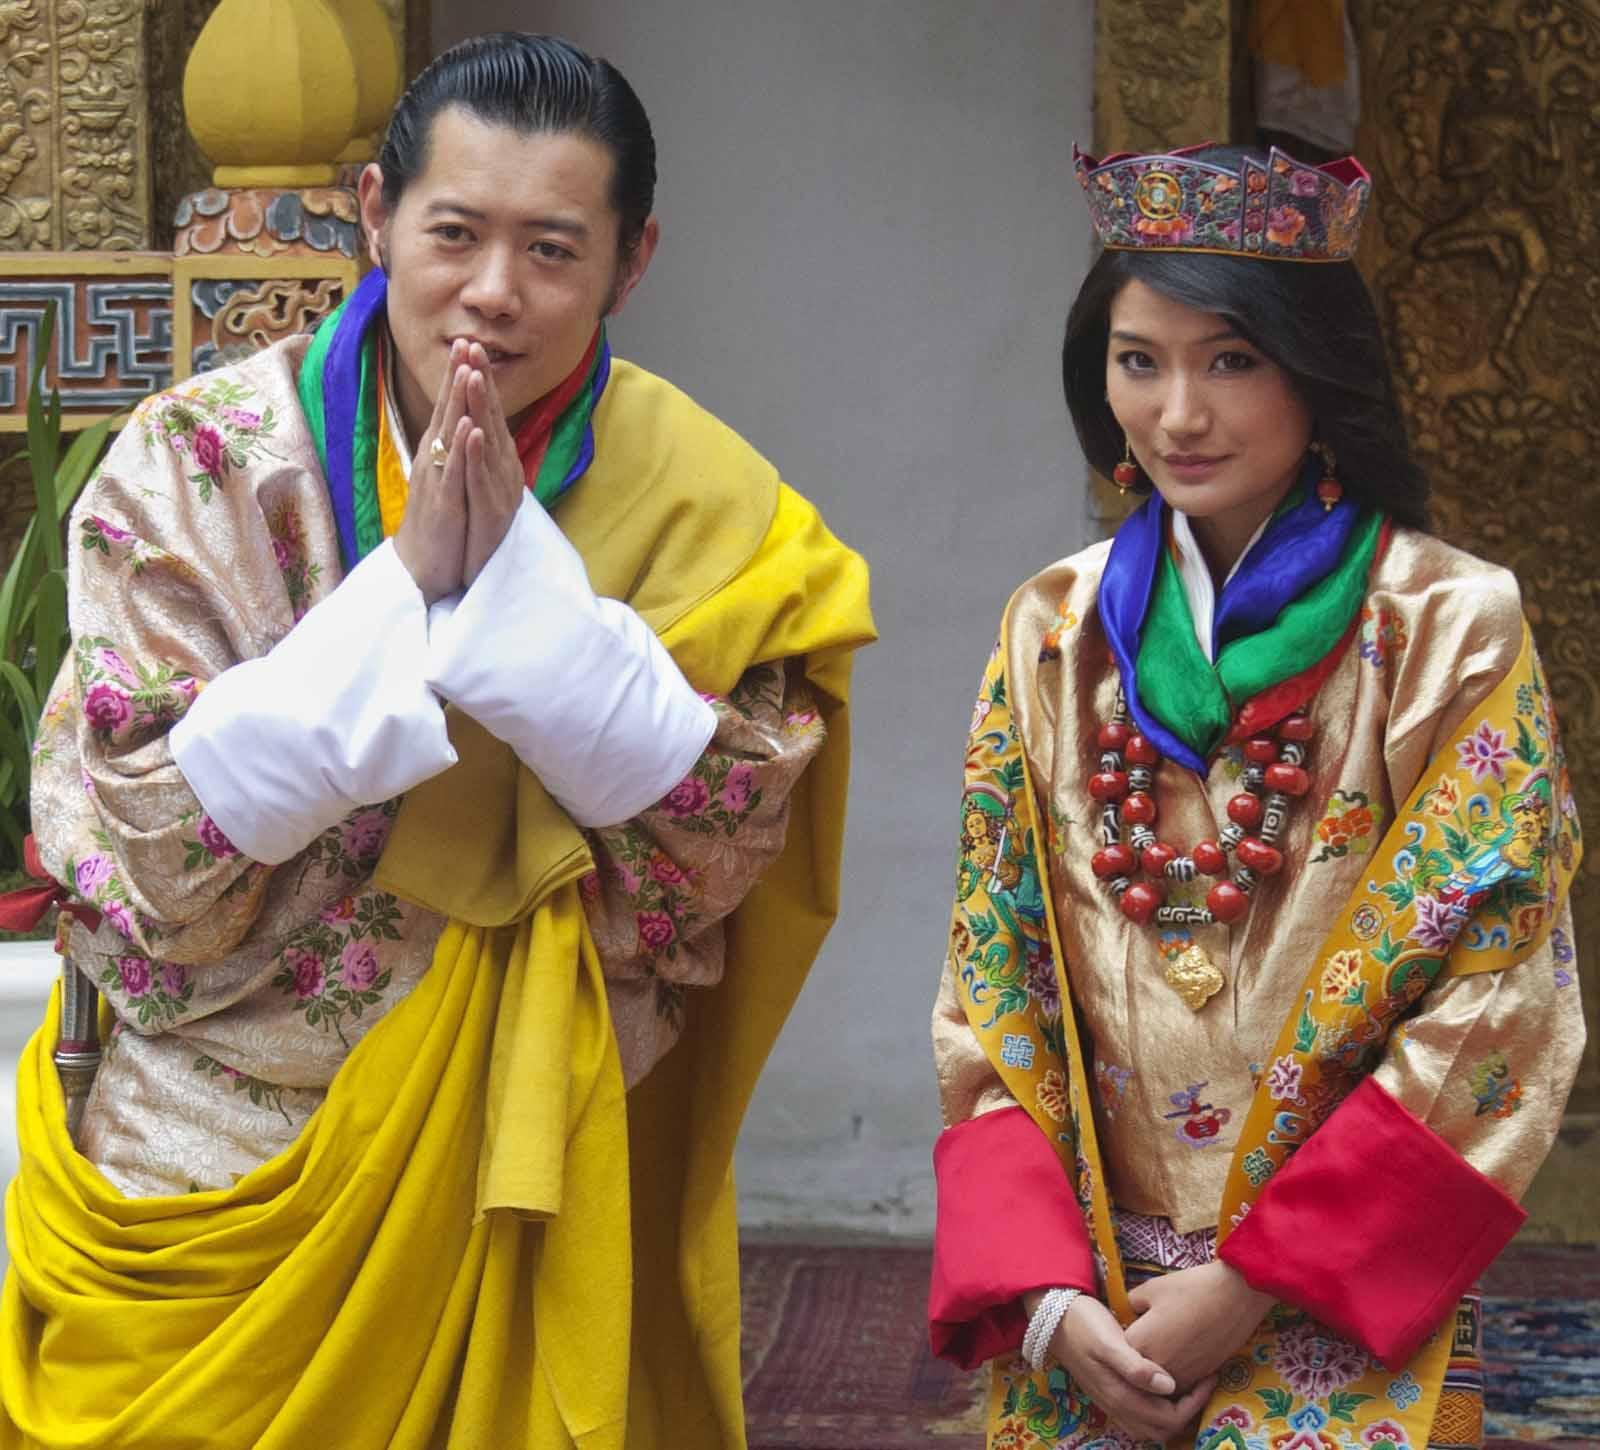 Vì sao người dân Bhutan không sợ chết? - ảnh 2